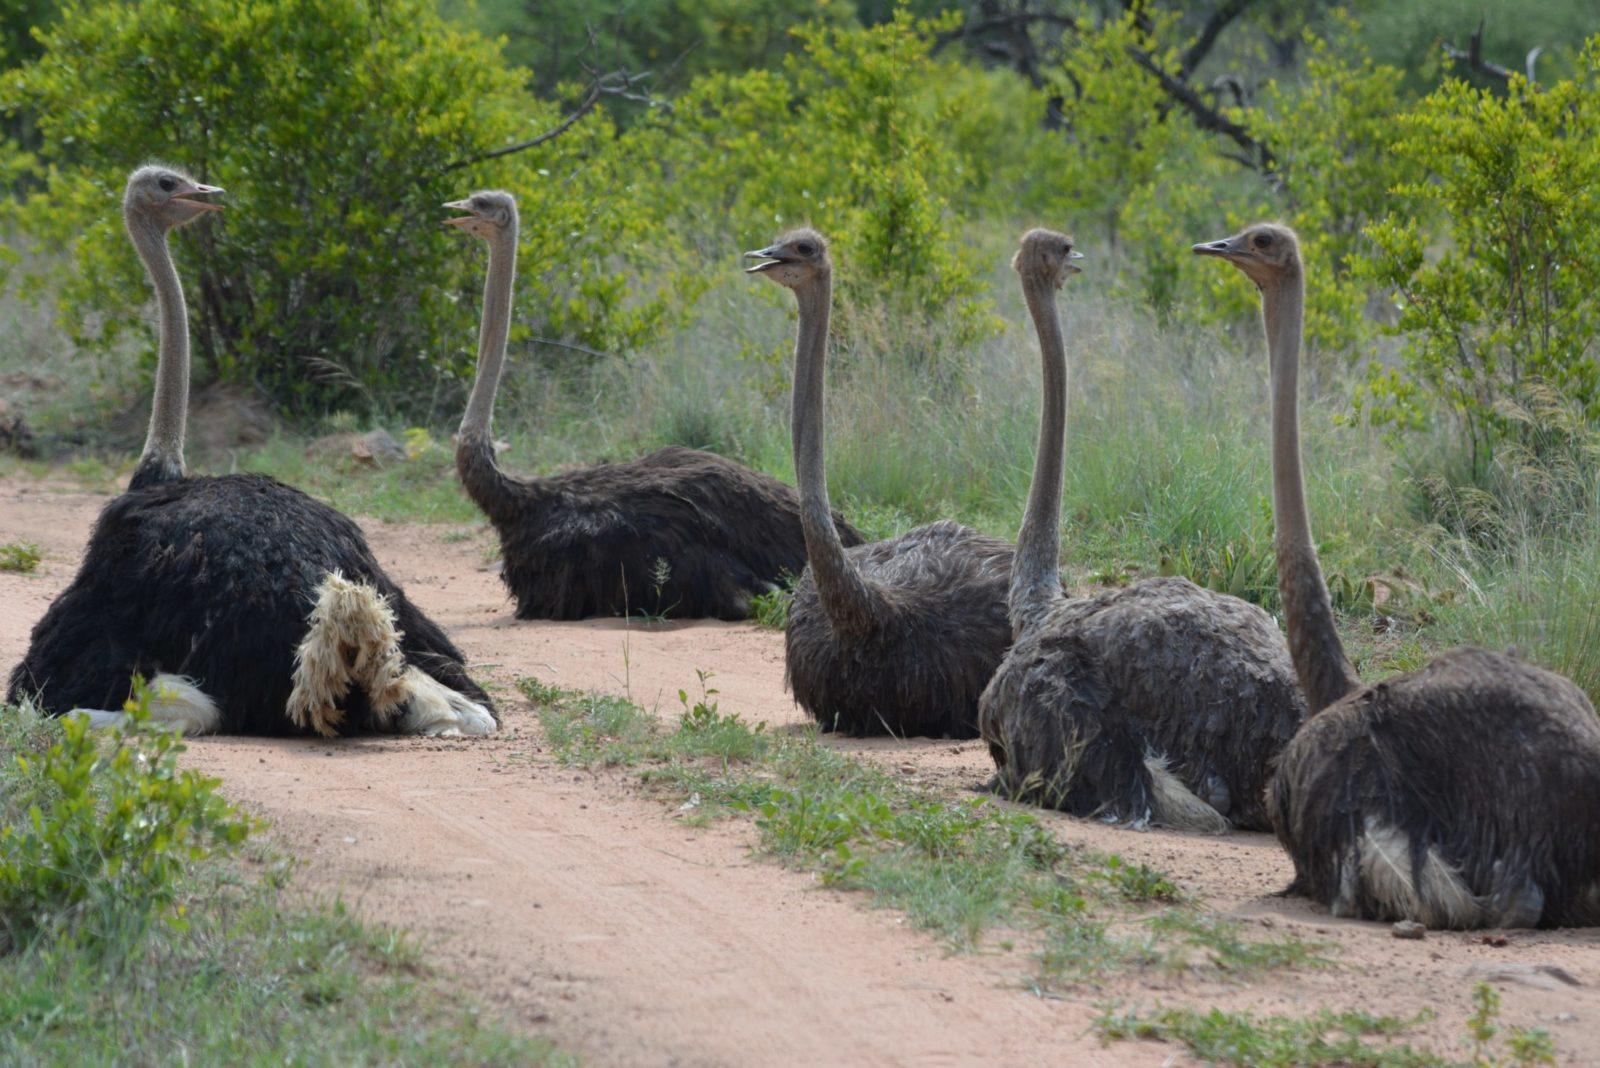 Sonhar com avestruz cruzando o caminho é sinal para evitar confronto.